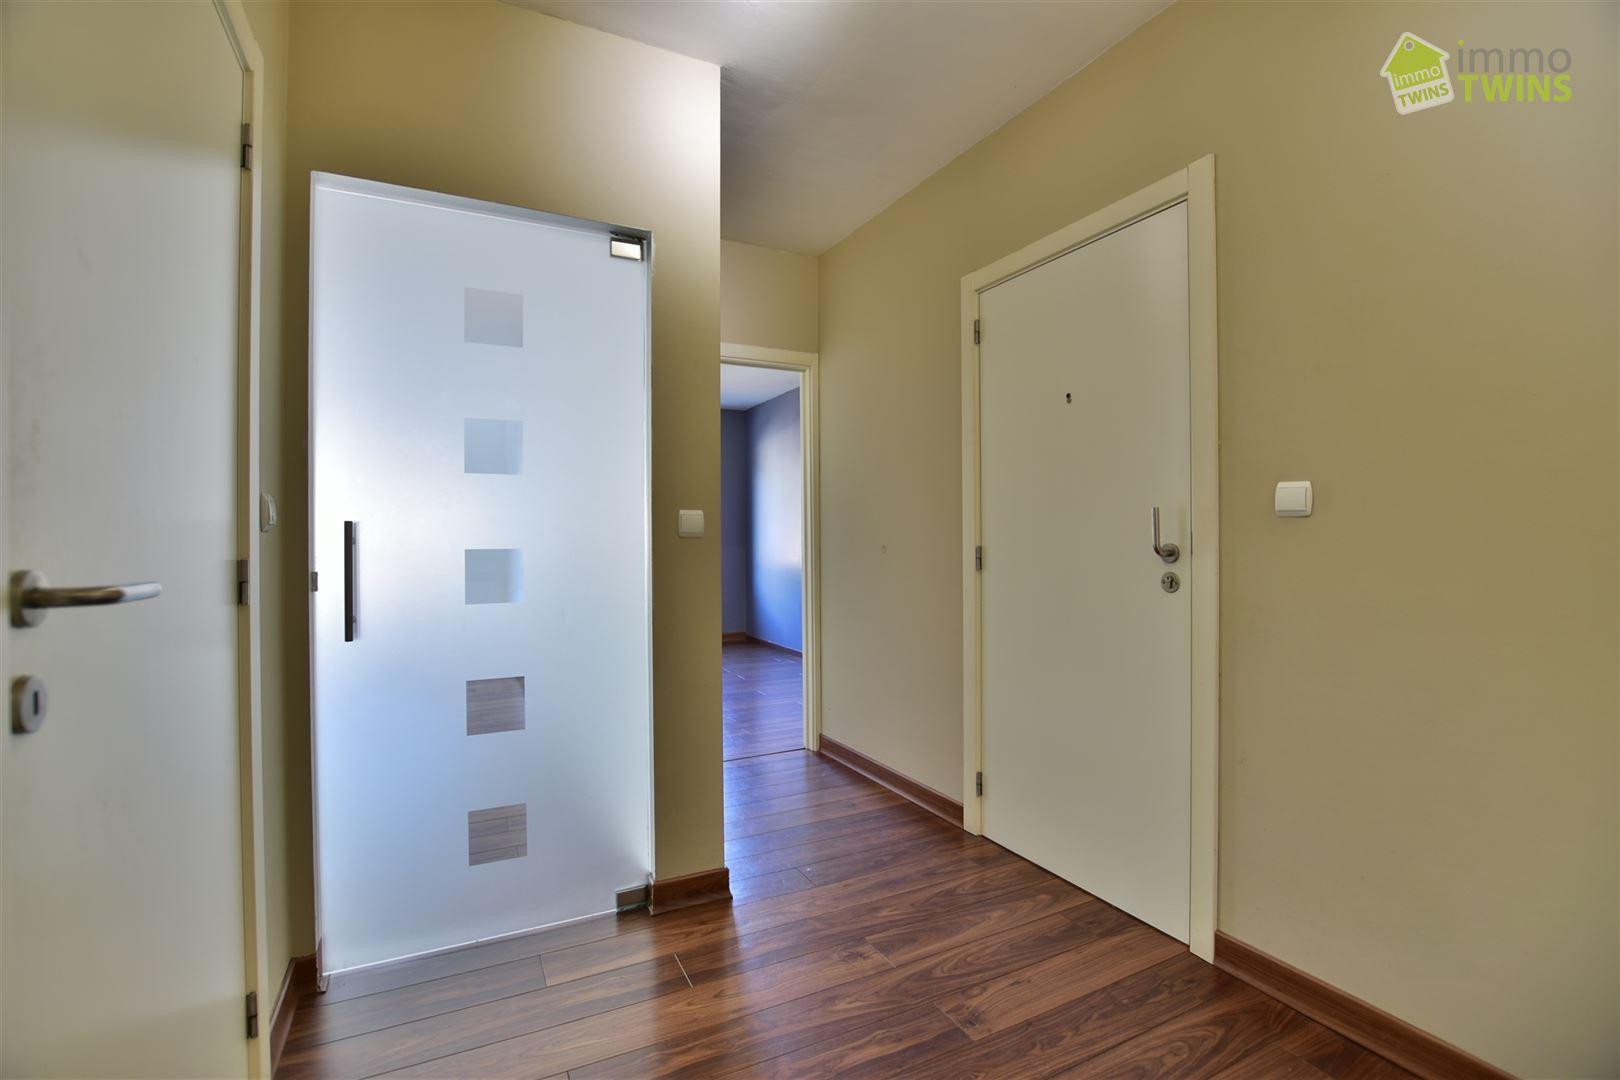 Foto 10 : Appartement te 9200 Sint-Gillis-bij-Dendermonde (België) - Prijs € 219.000